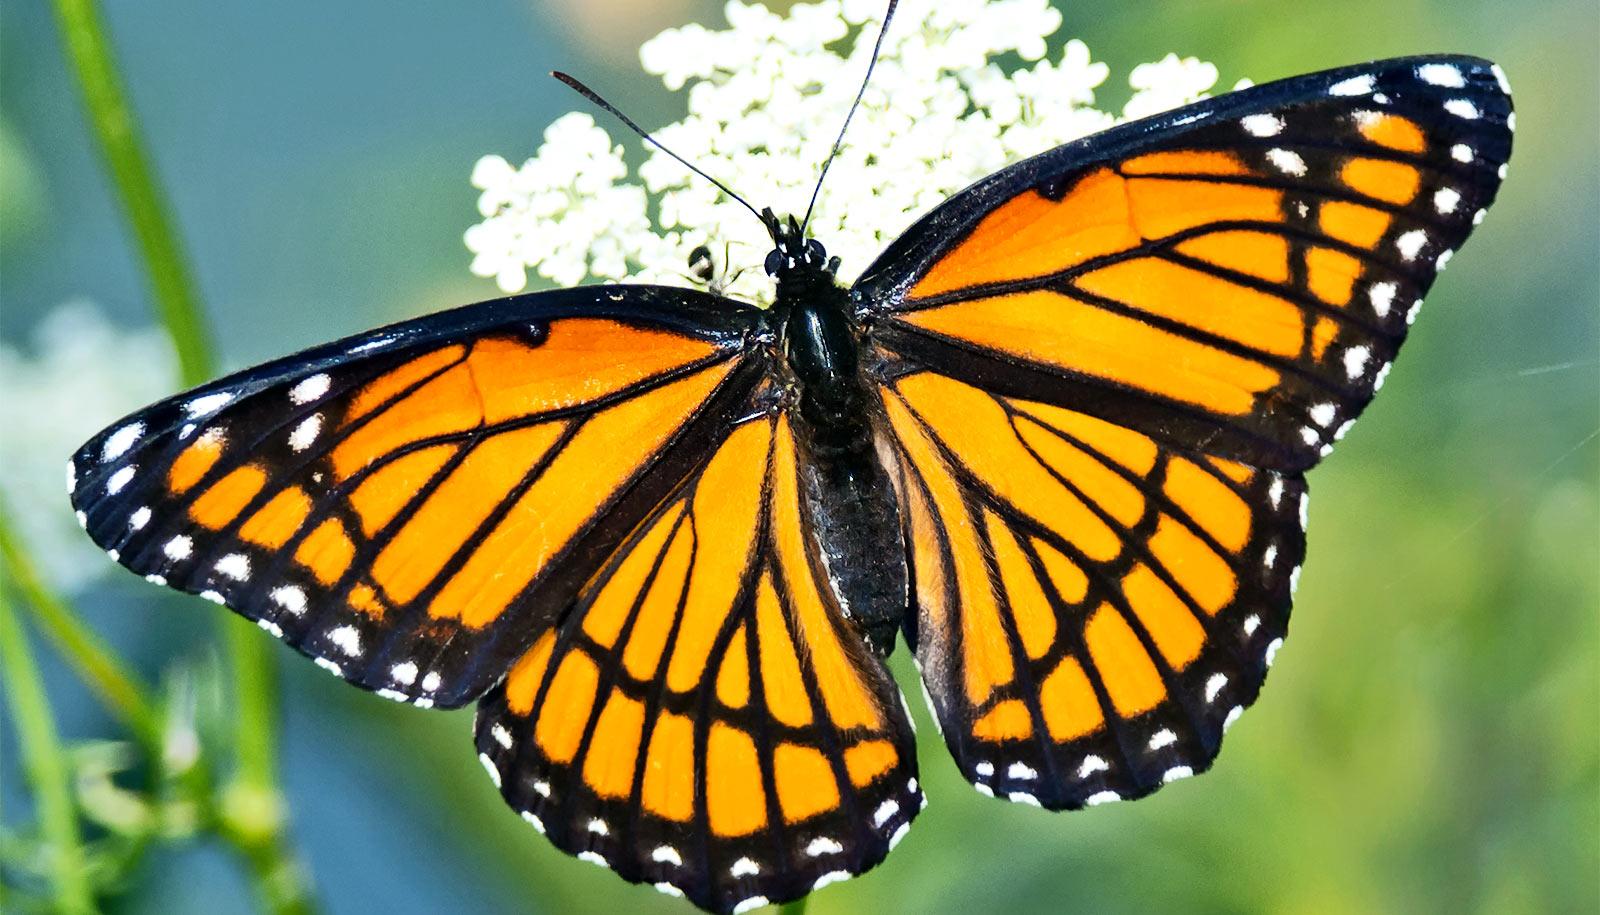 Hình ảnh chú bướm vàng nhỏ xinh